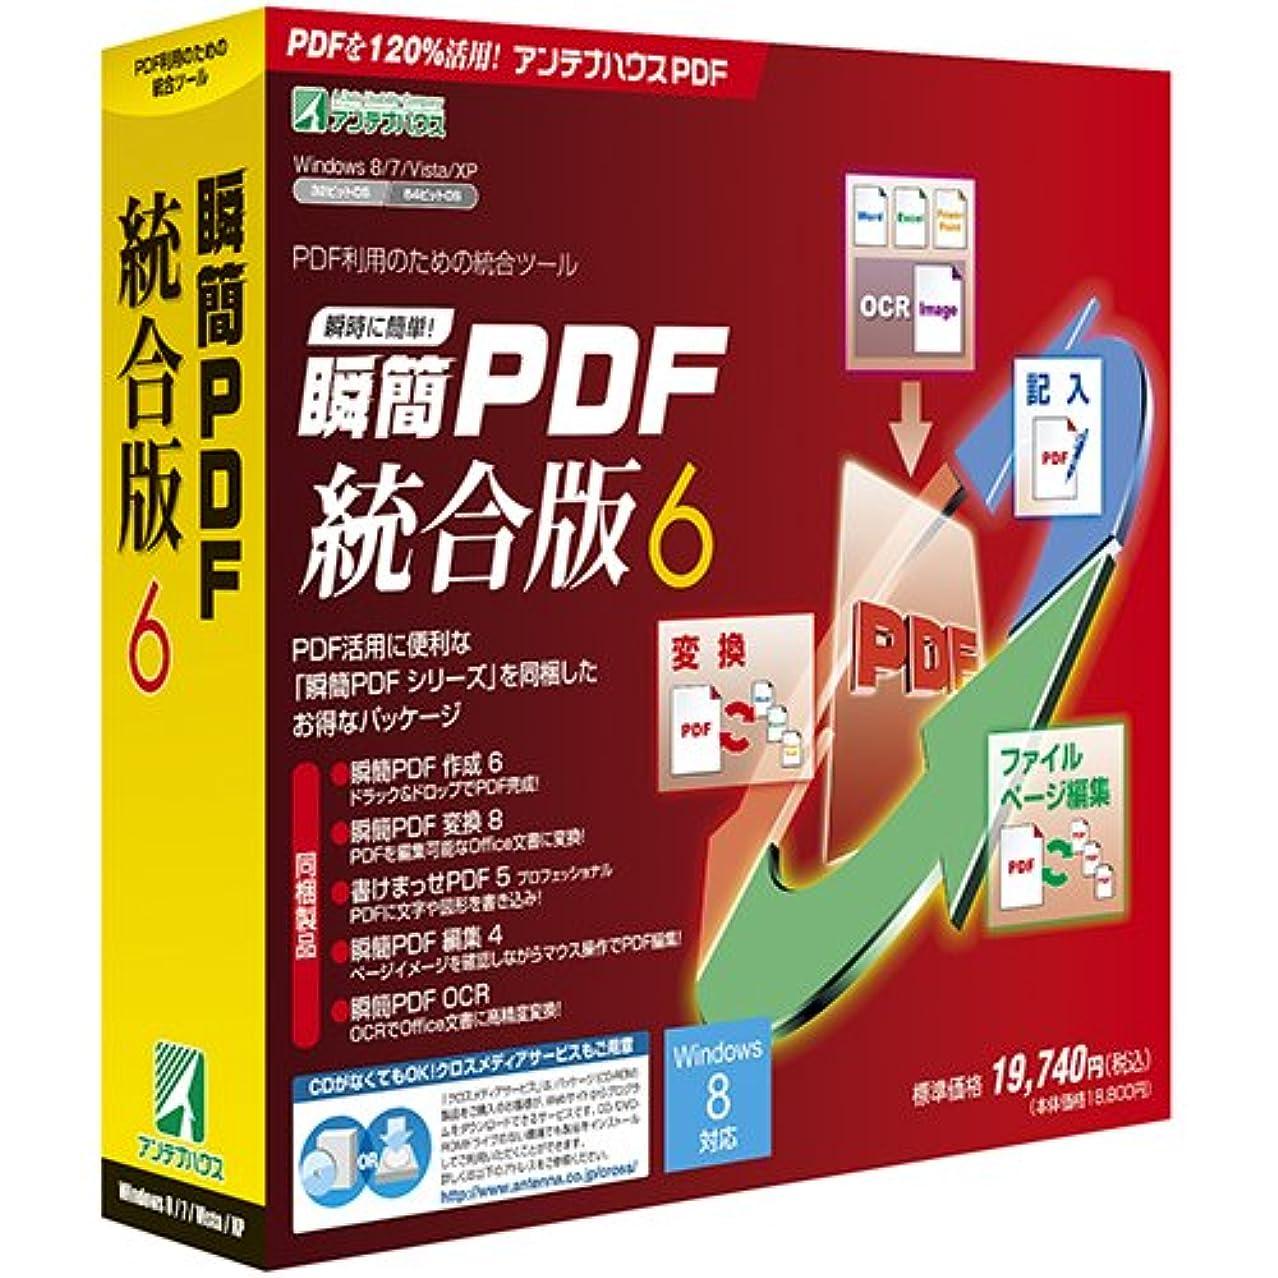 アセンブリ去るアーチ瞬簡PDF 統合版 6